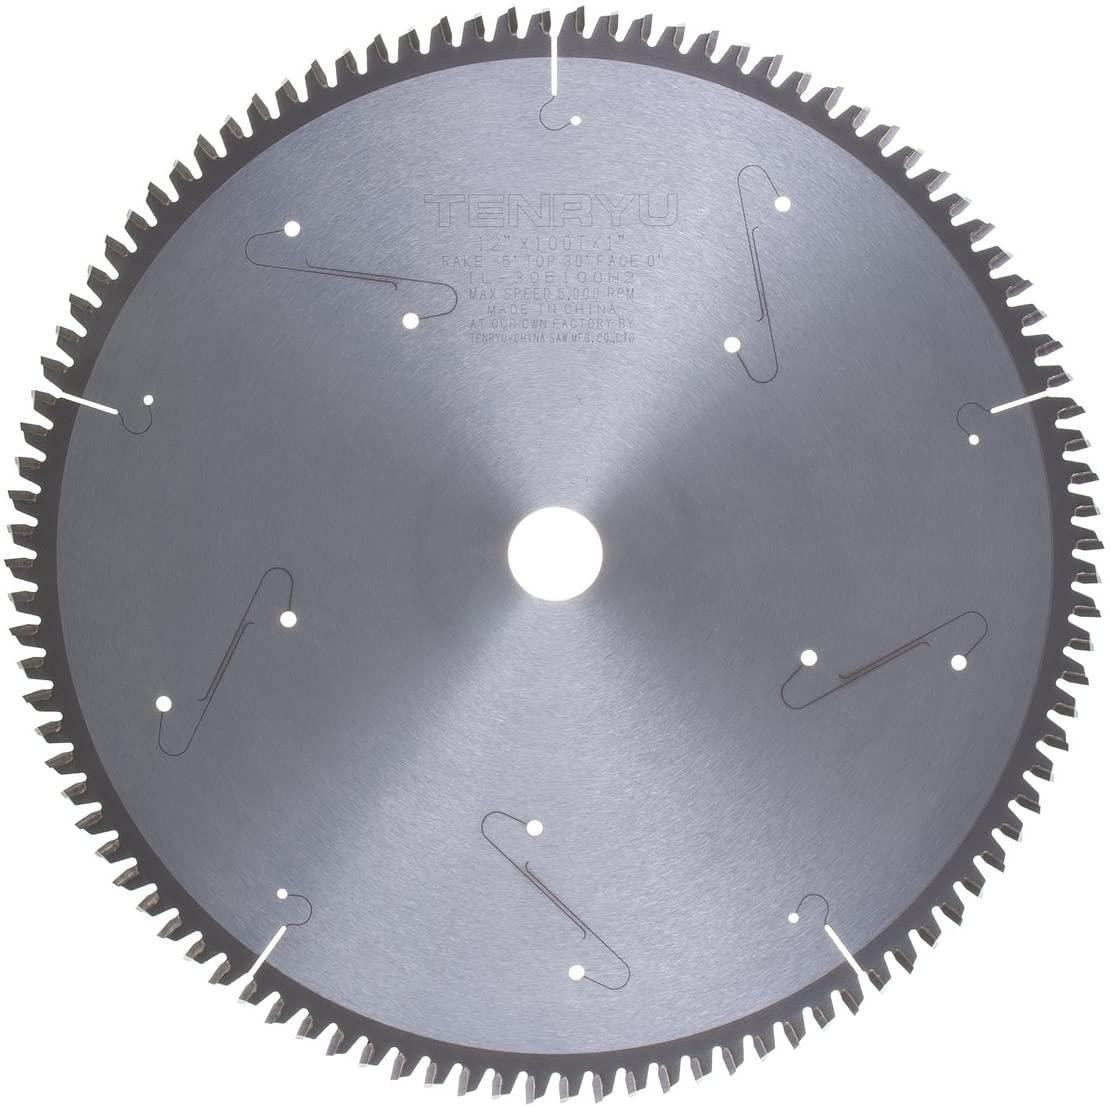 Tenryu IL-305100H2 12